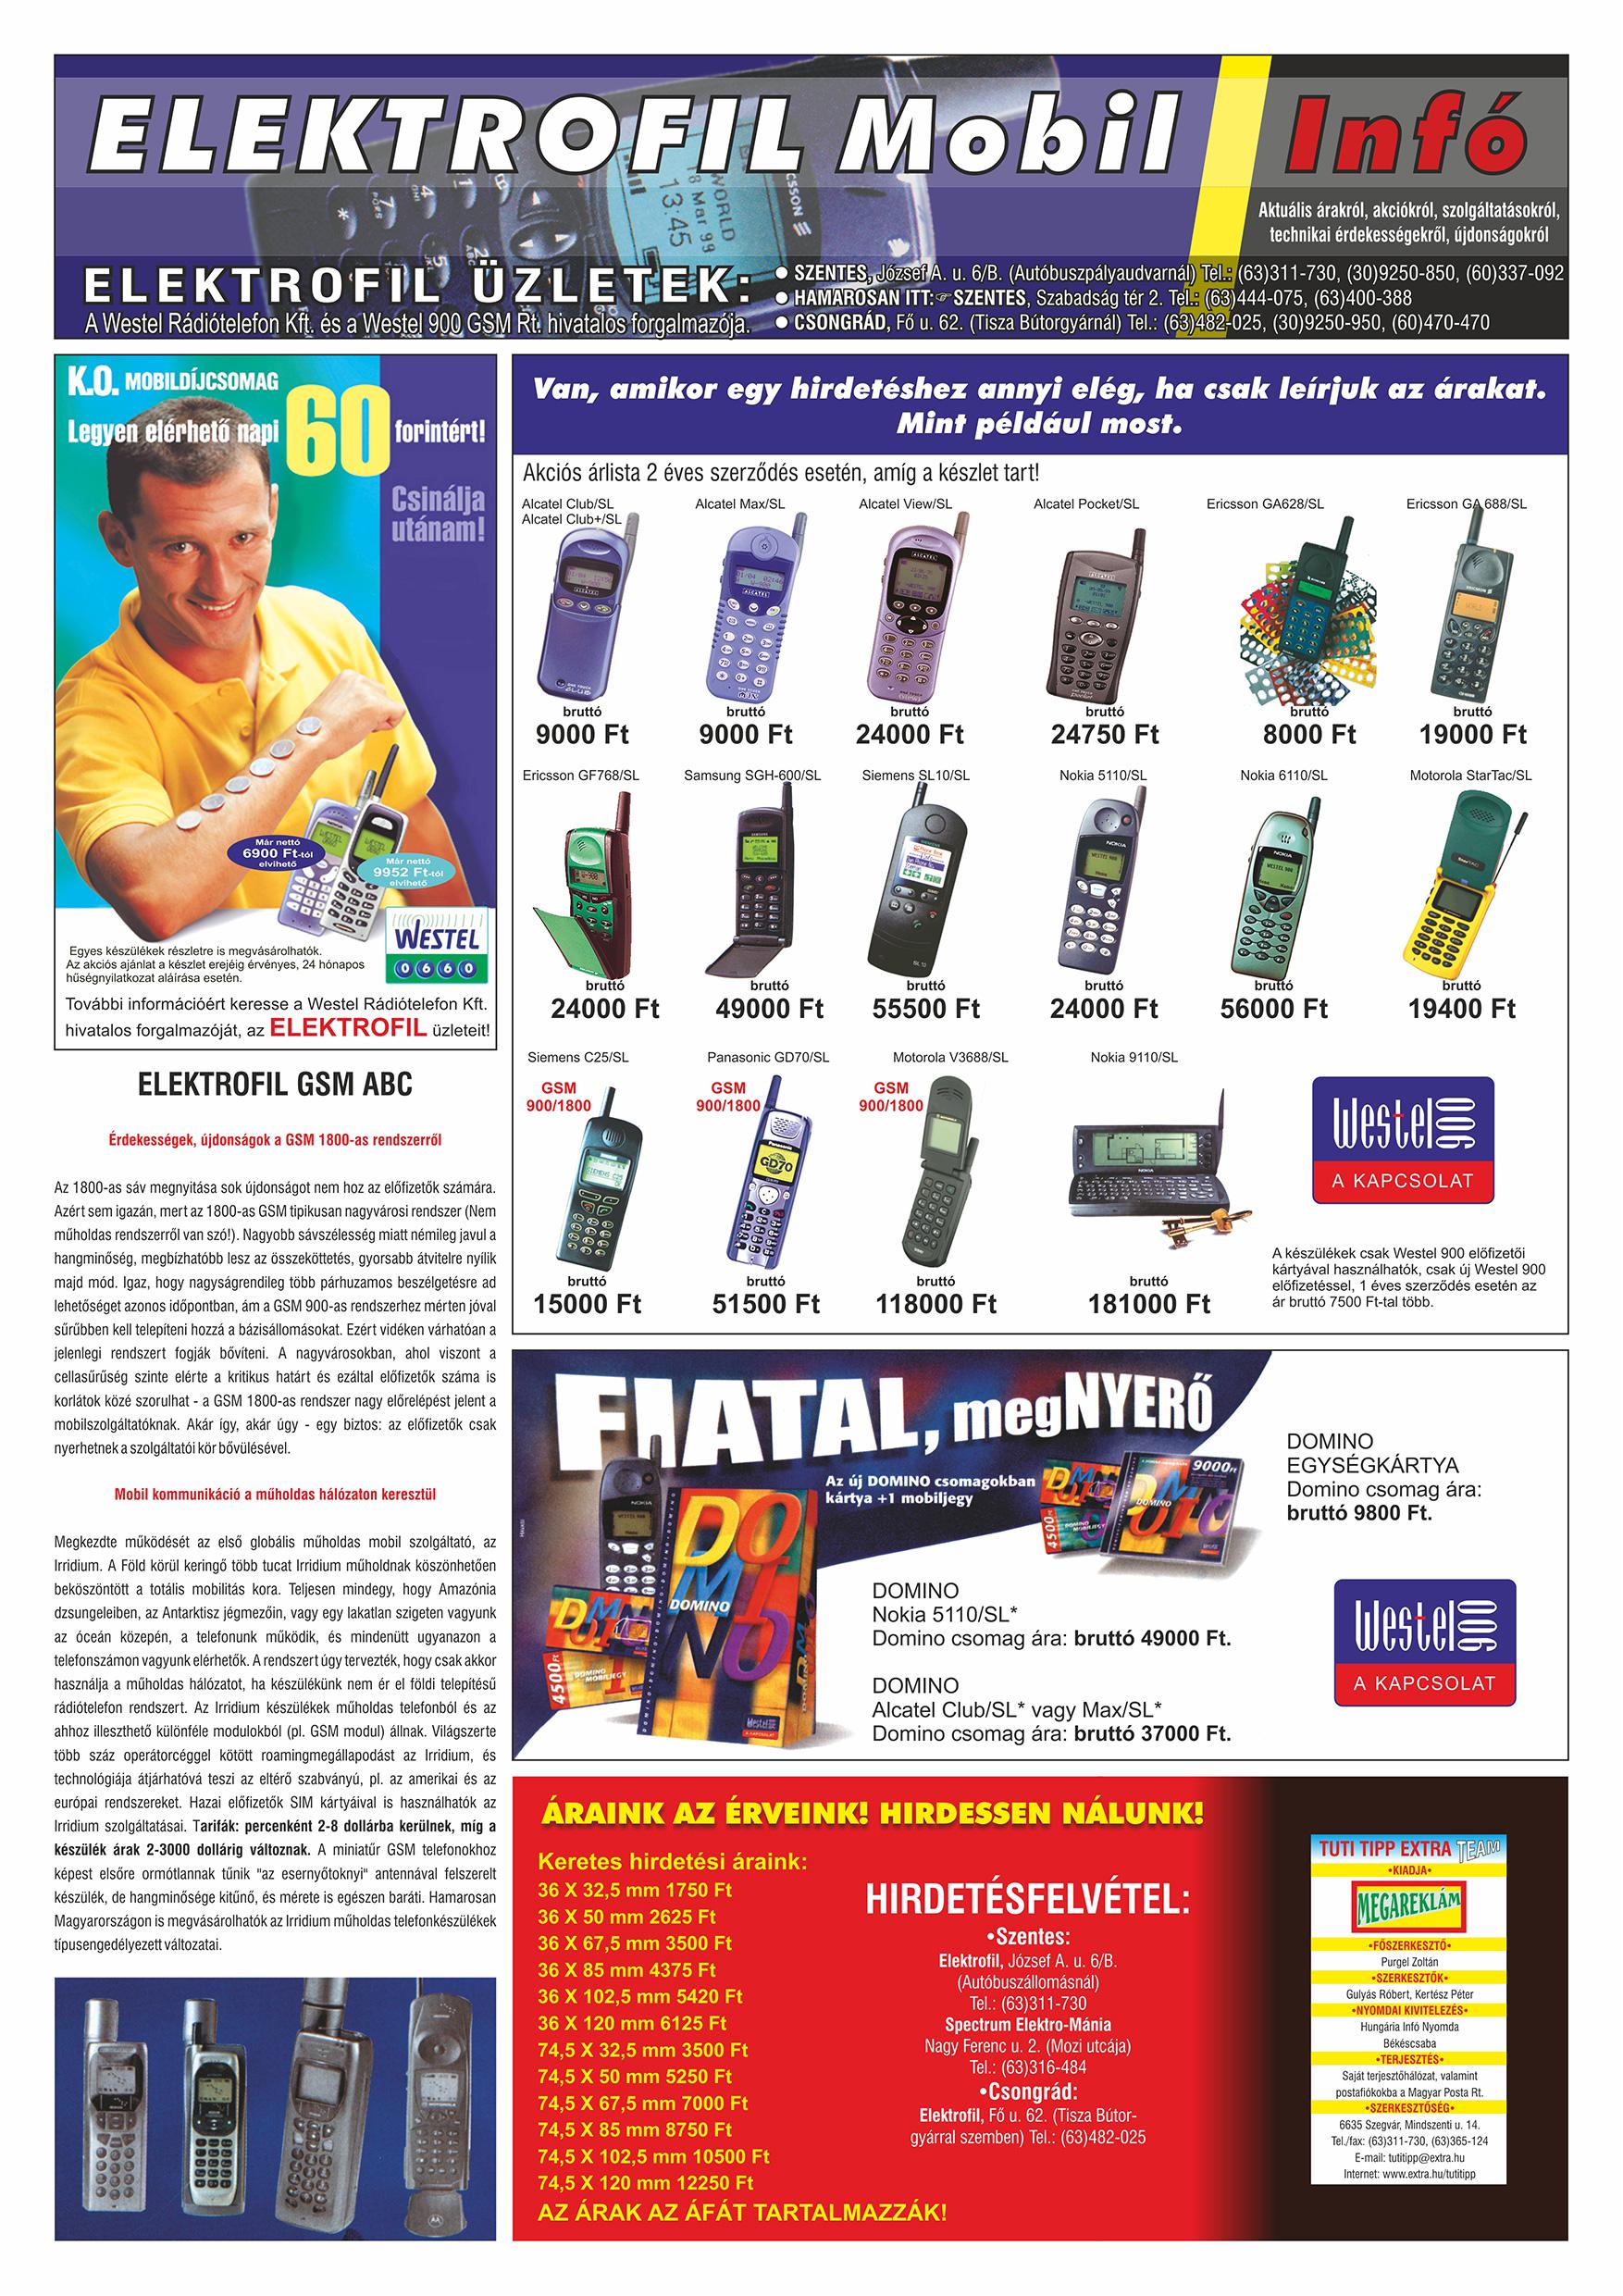 026 Tuti Tipp Extra reklámújság - 19990626-001. lapszám - 2.oldal - V. évfolyam.jpg